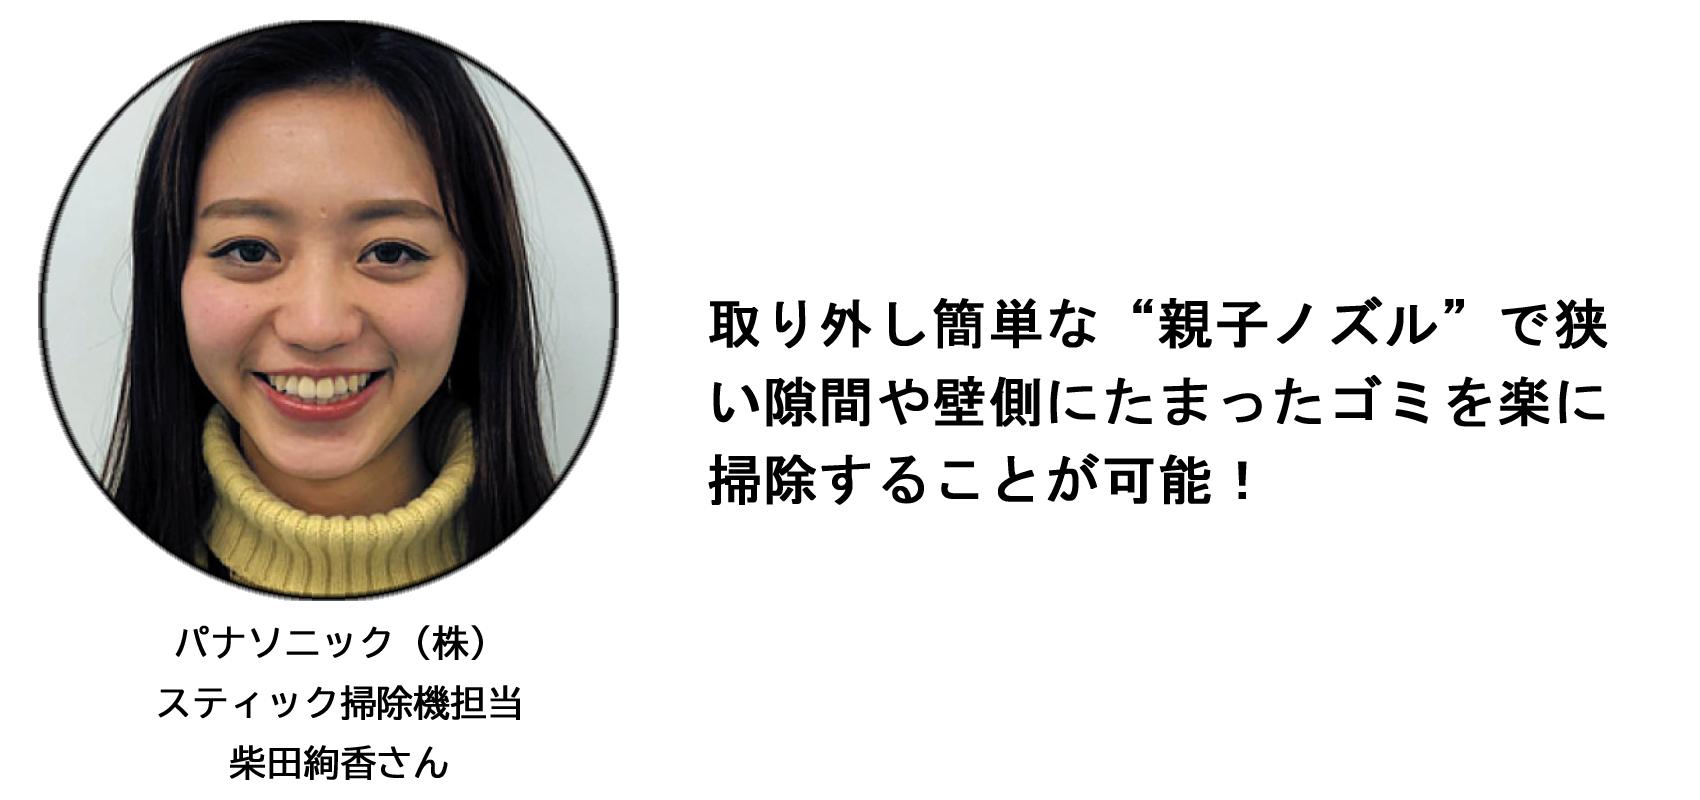 パナソニック(株) スティック掃除機担当 柴田絢香さん